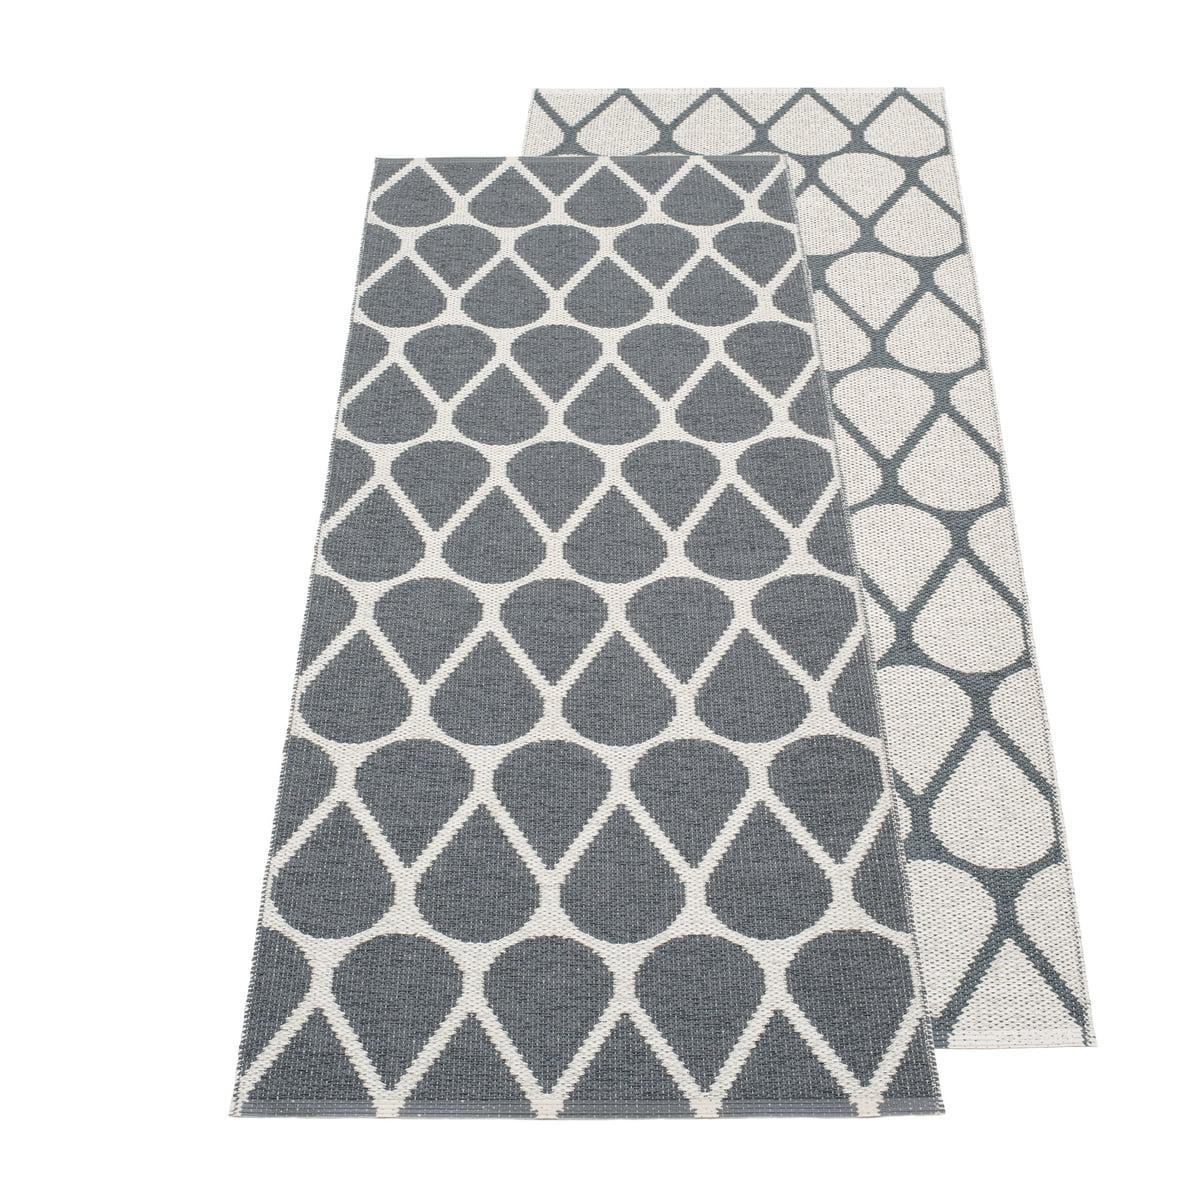 Pappelina - Otis Wendeteppich, 70 x 140 cm, granit / fossil grey   Heimtextilien > Teppiche > Sonstige-Teppiche   Pappelina